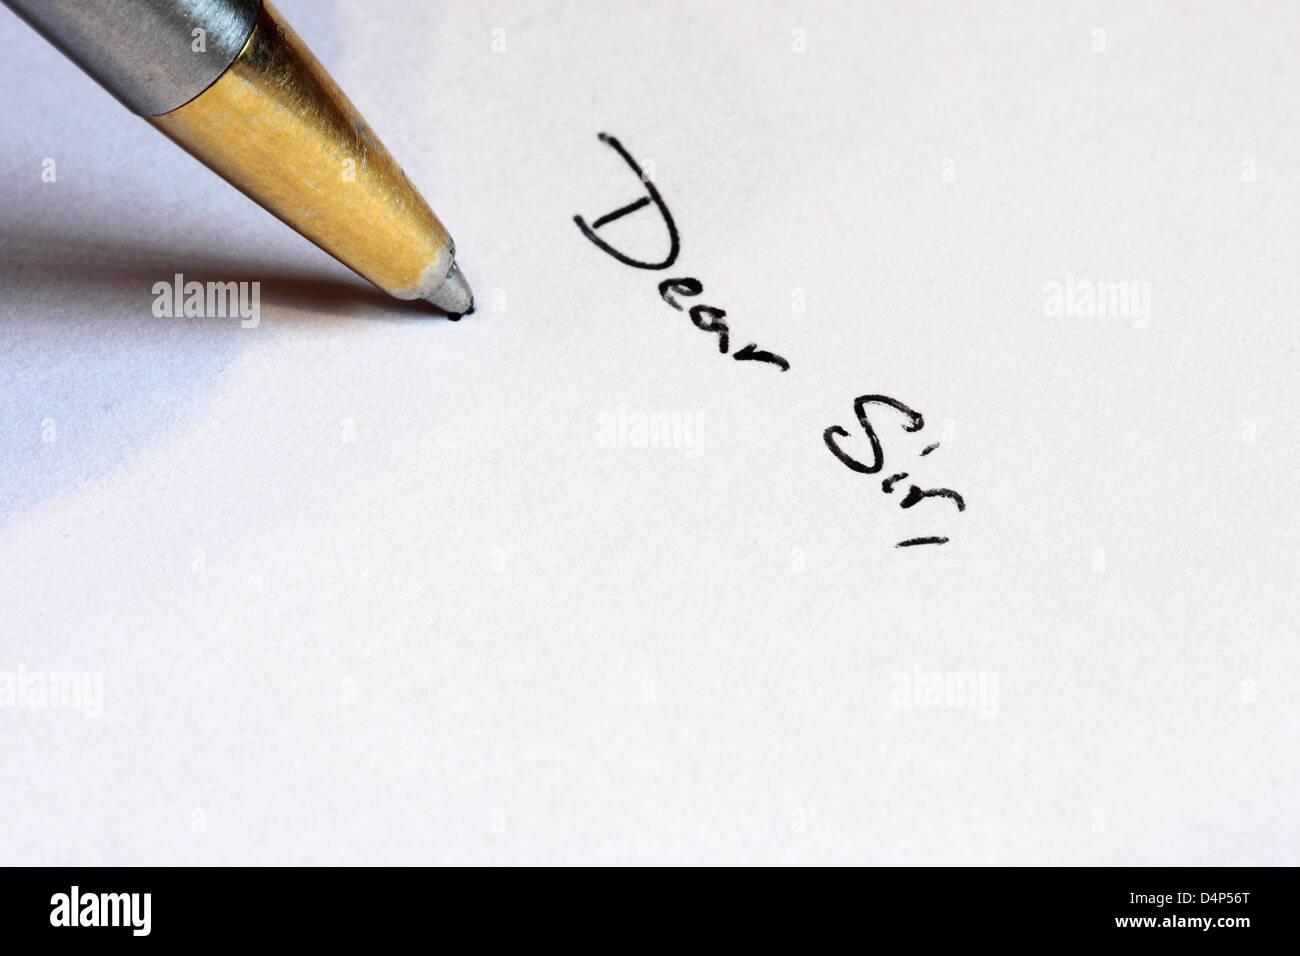 Sehr geehrter Herr mit einem Kugelschreiber zu schreiben Stockbild